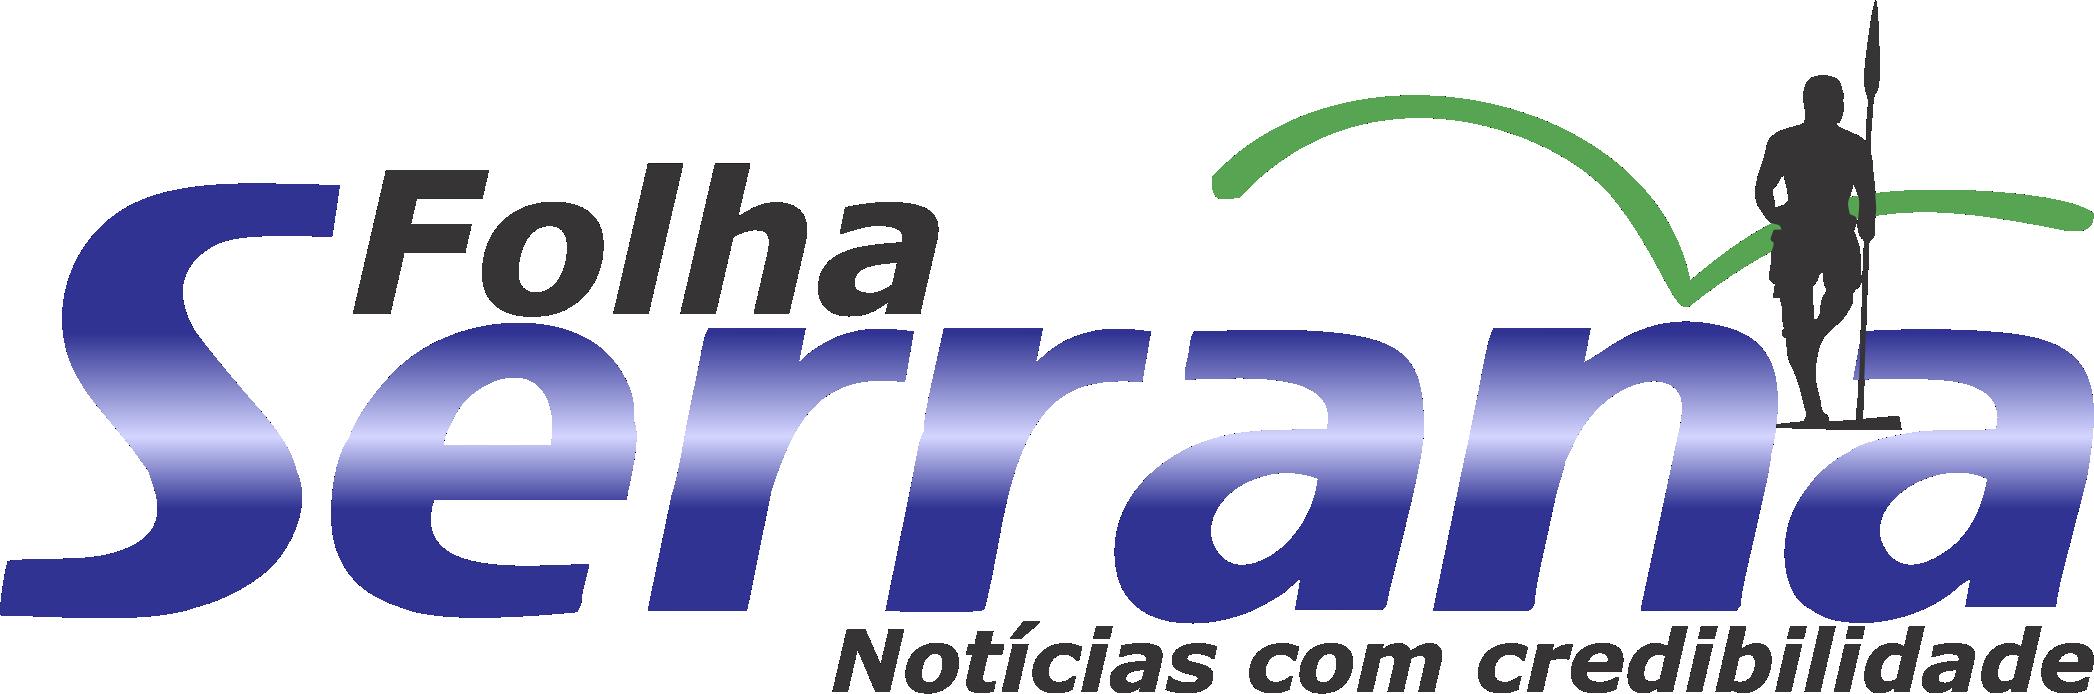 Folha Serrana